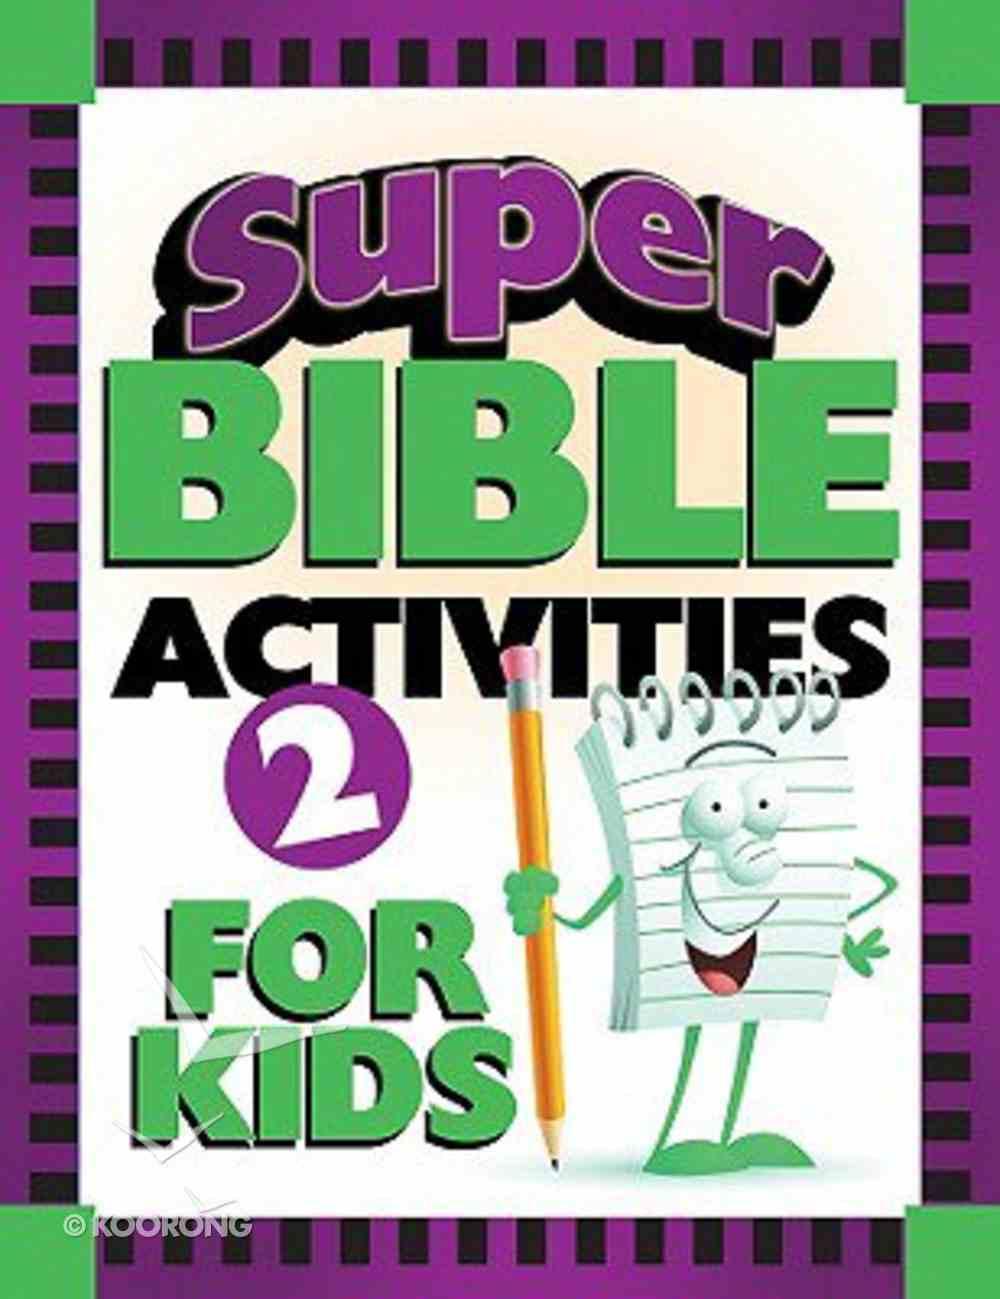 Super Bible Activities For Kids 2 Paperback